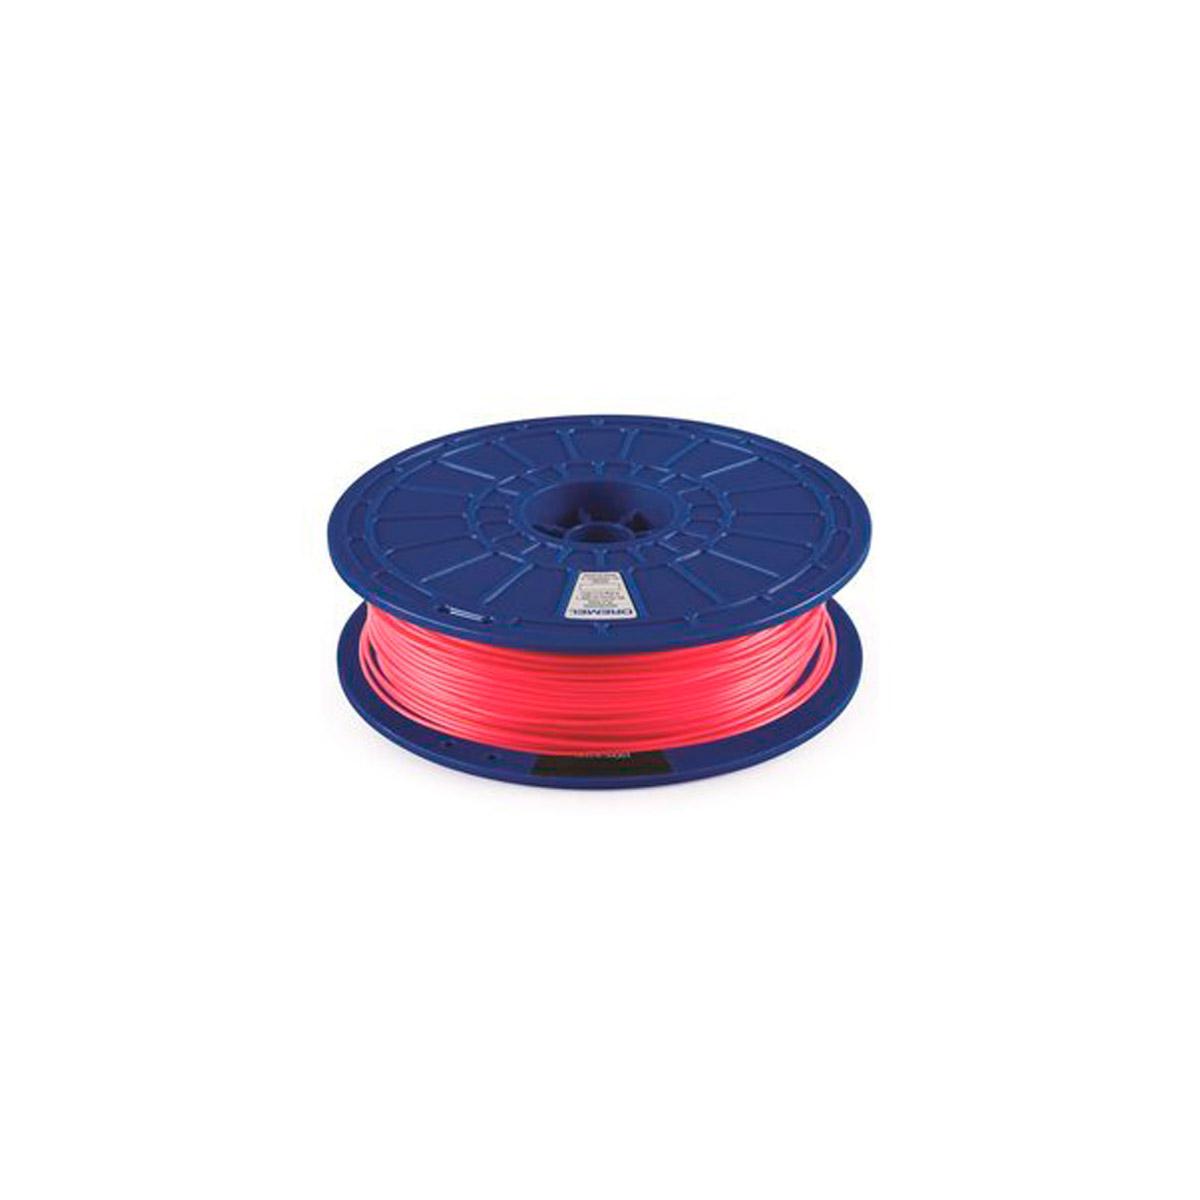 Dremel Filamento para Impresora 3D Color Rosa 26153D30AB